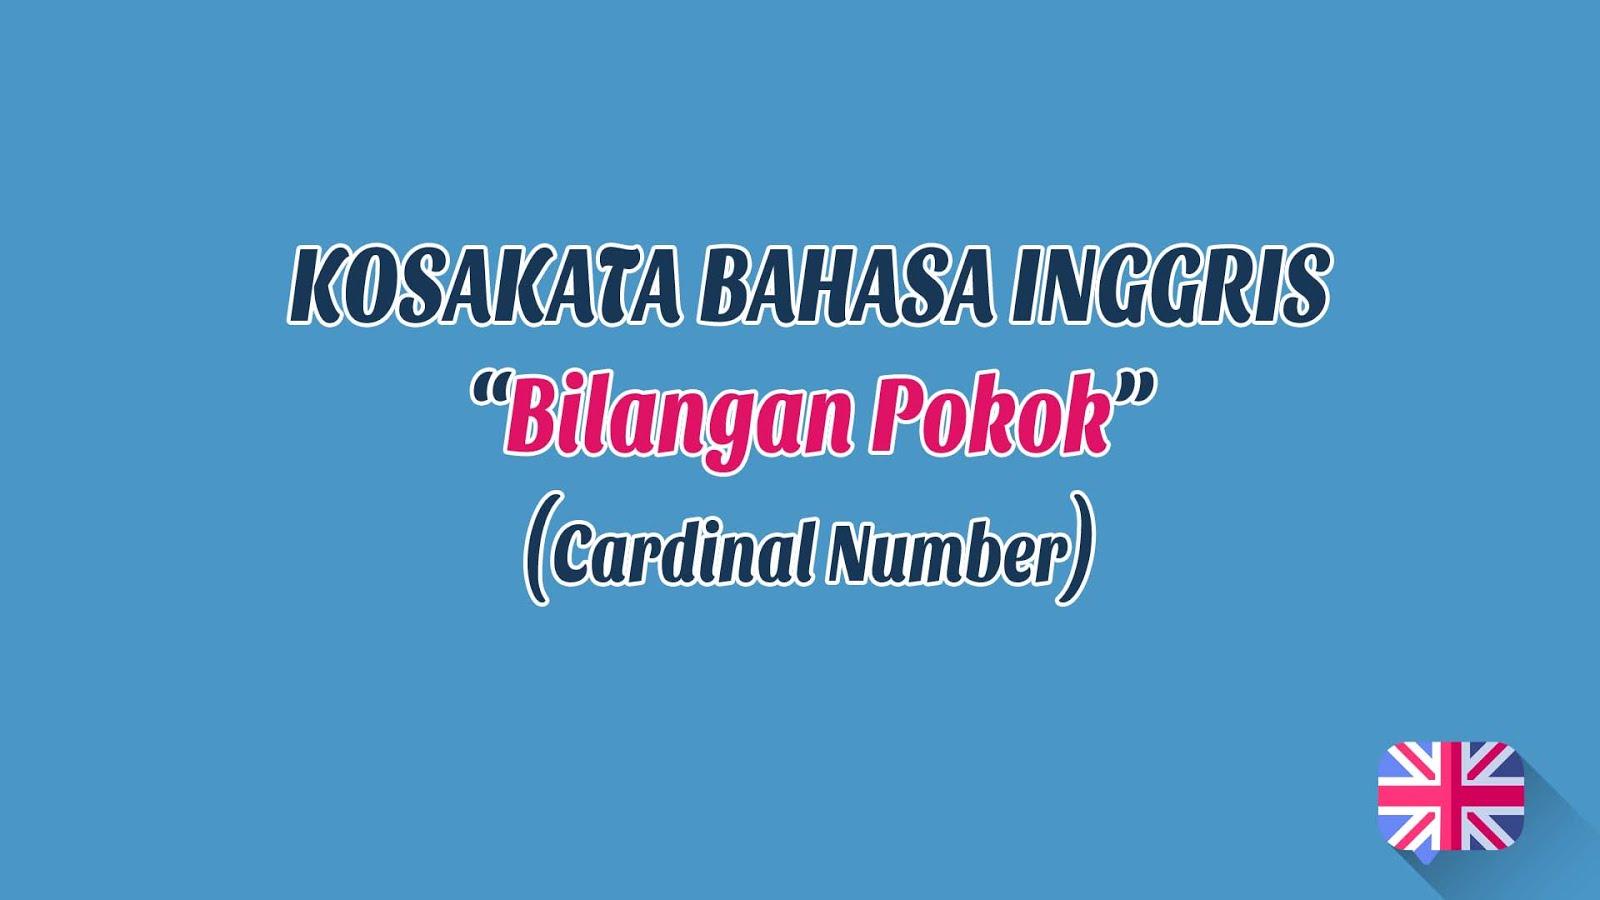 Cardinal number - Bilangan Pokok + Pronunciation (Kosakata Bahasa Inggris)